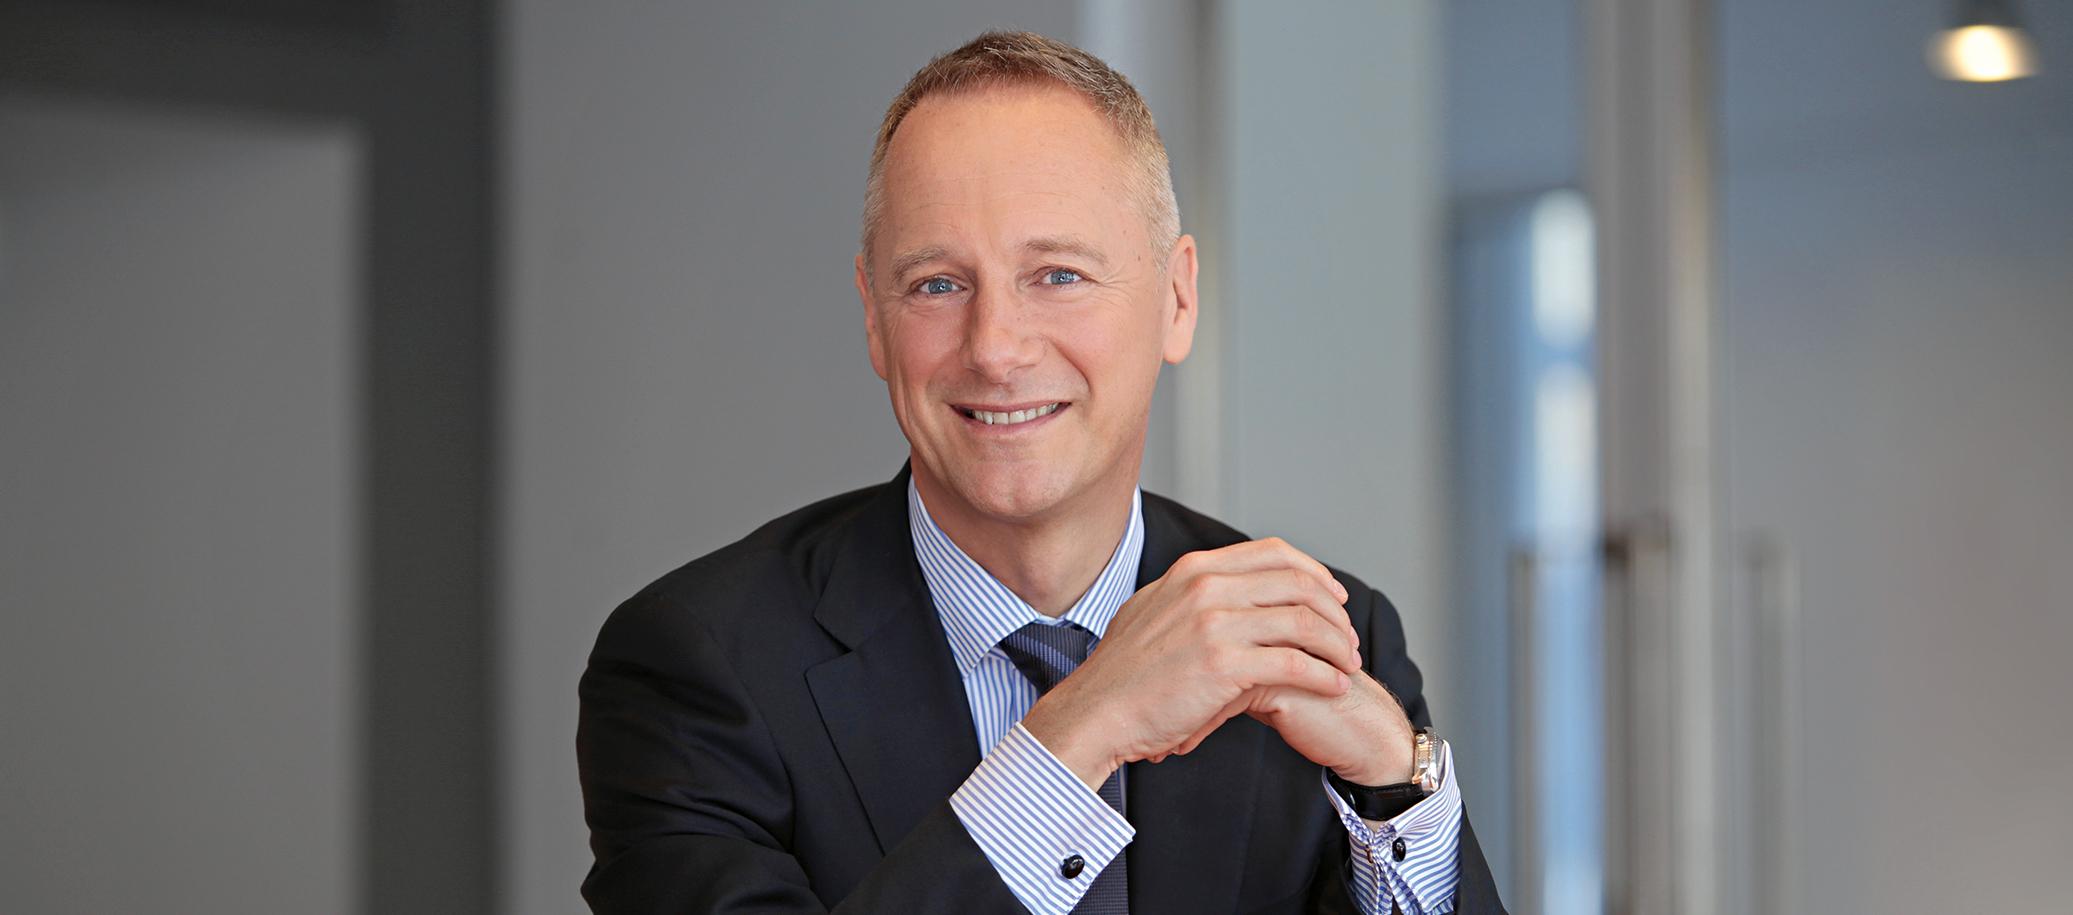 堅持傳統 與時俱進:A. Lange & Söhne朗格總裁Wilhelm Schmid